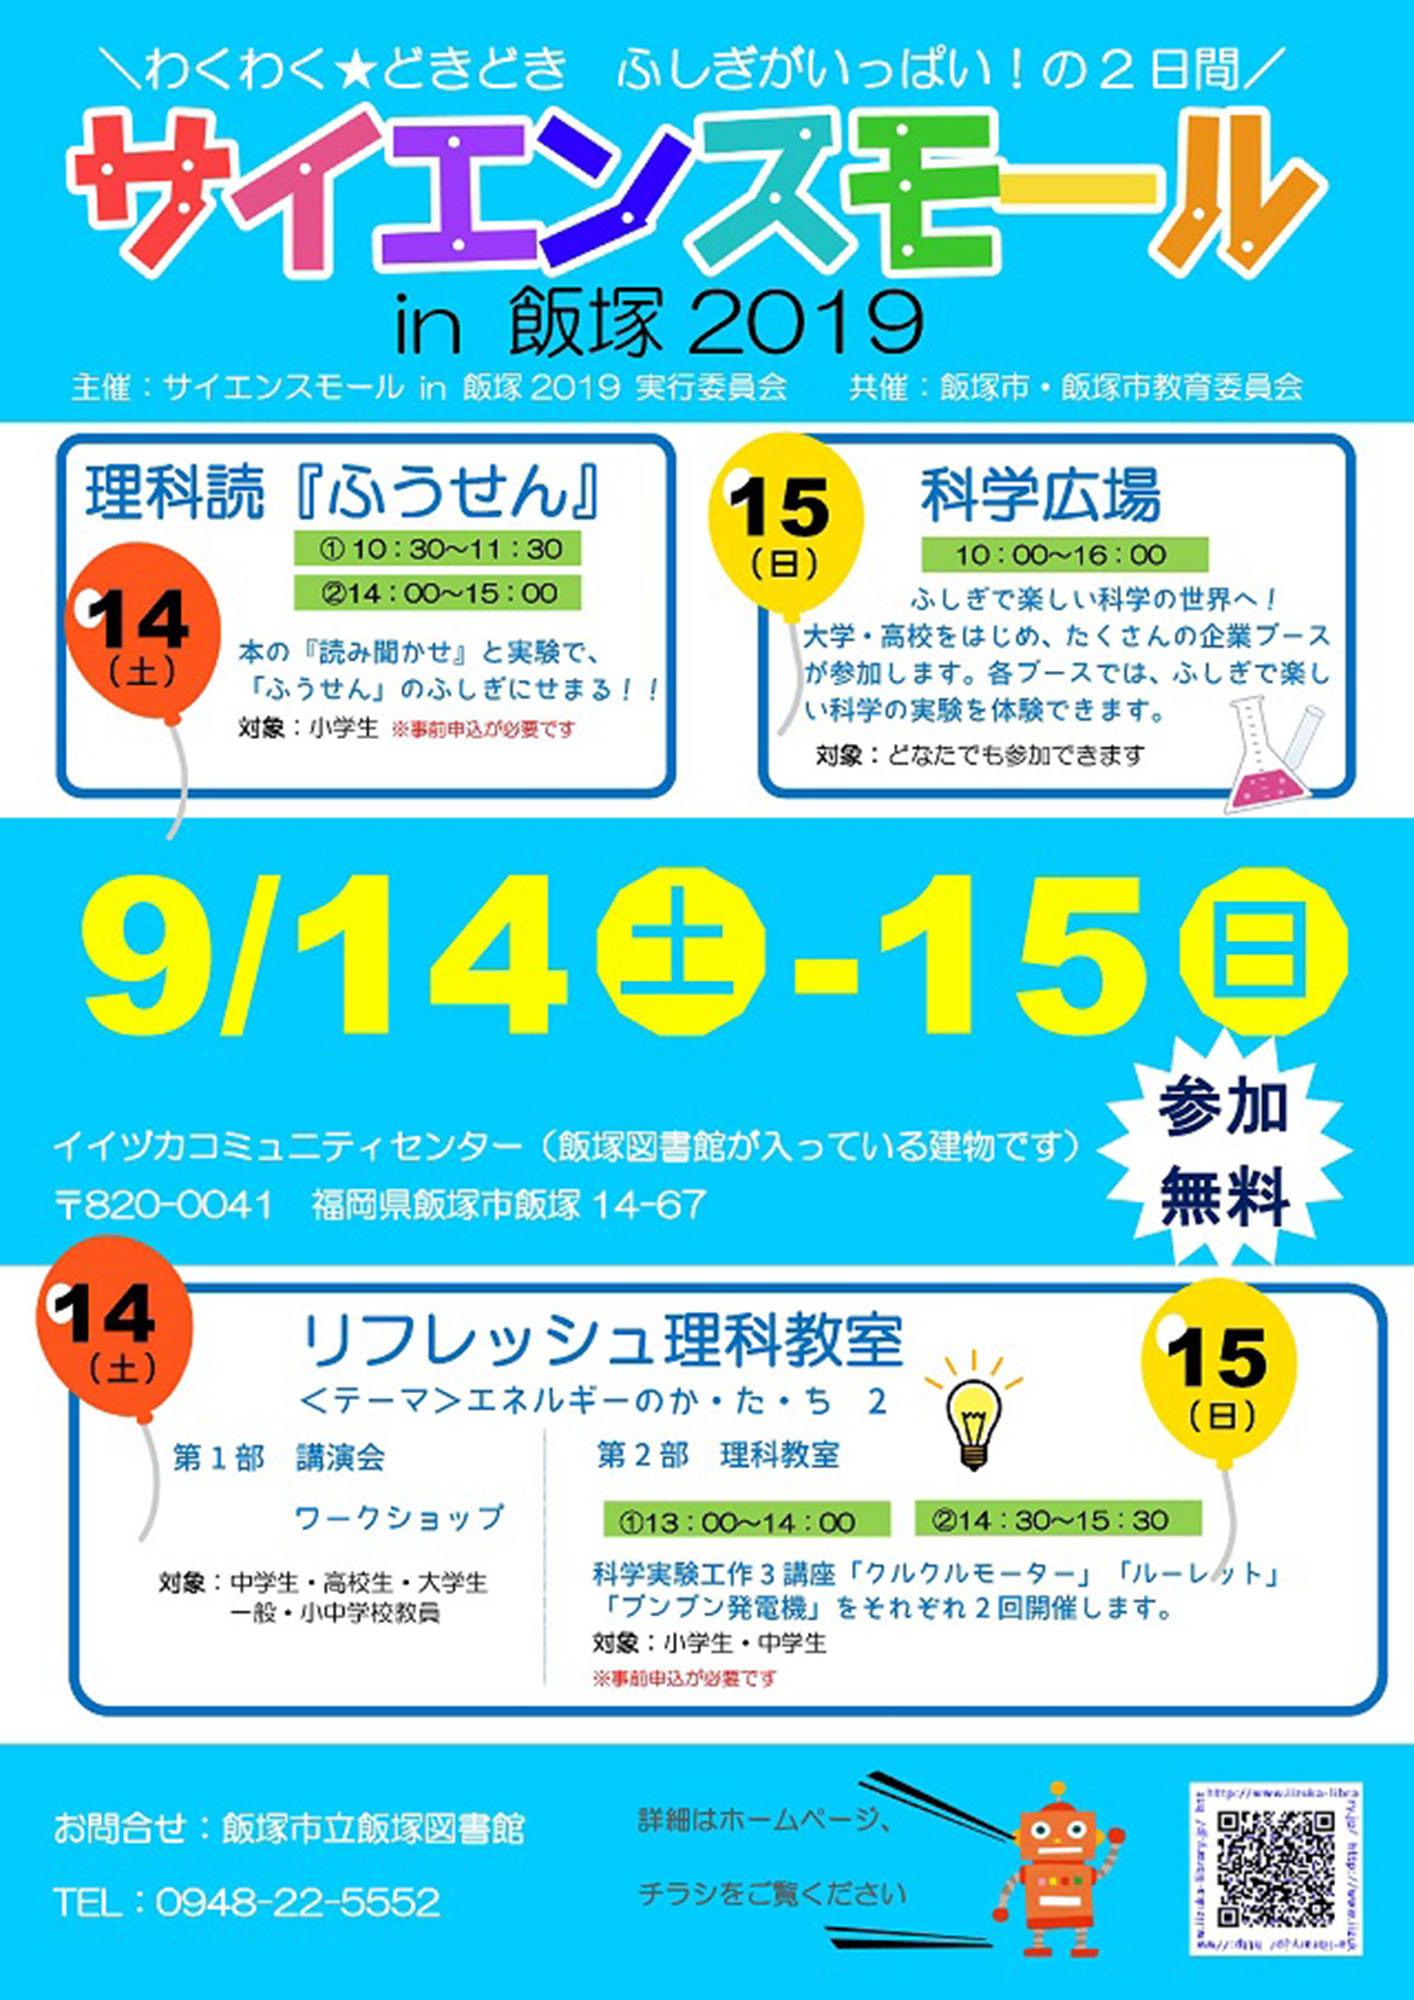 サイエンスモール in 飯塚 2019